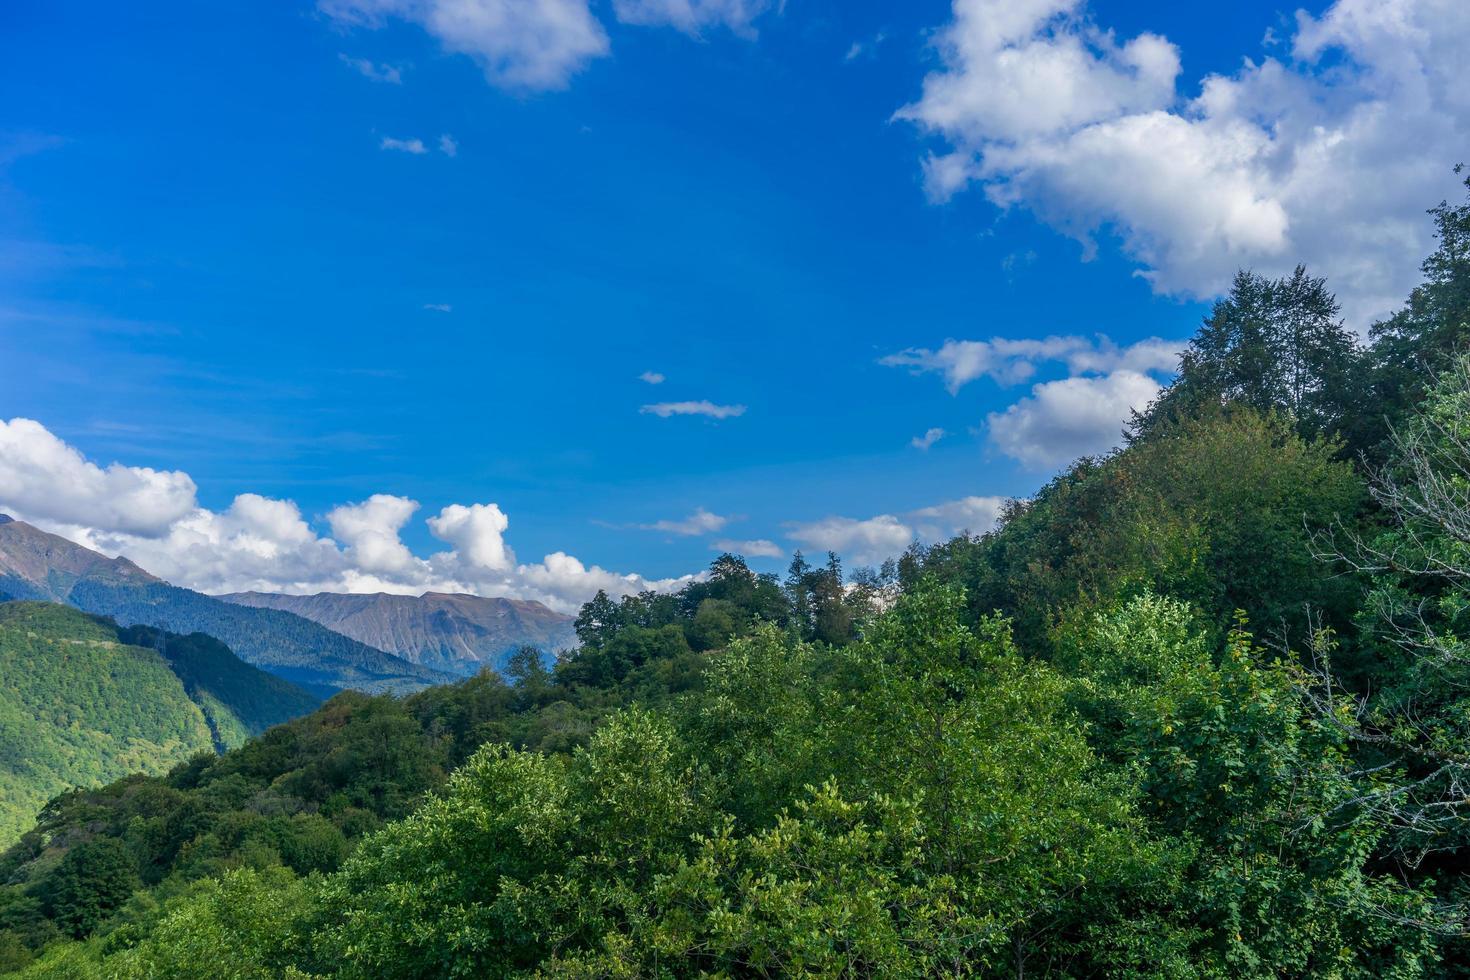 landschap van bergen en bomen tegen een bewolkte blauwe hemel foto